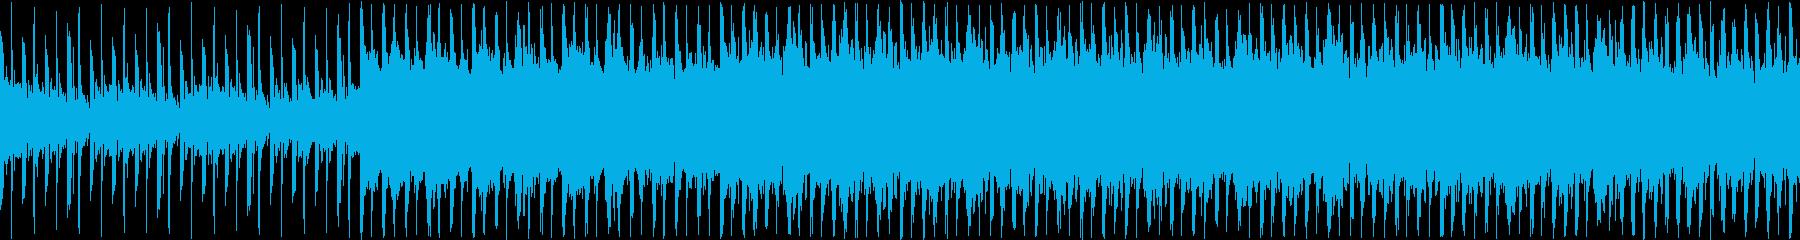 バイオリンとピアノのノリの良いループ曲の再生済みの波形